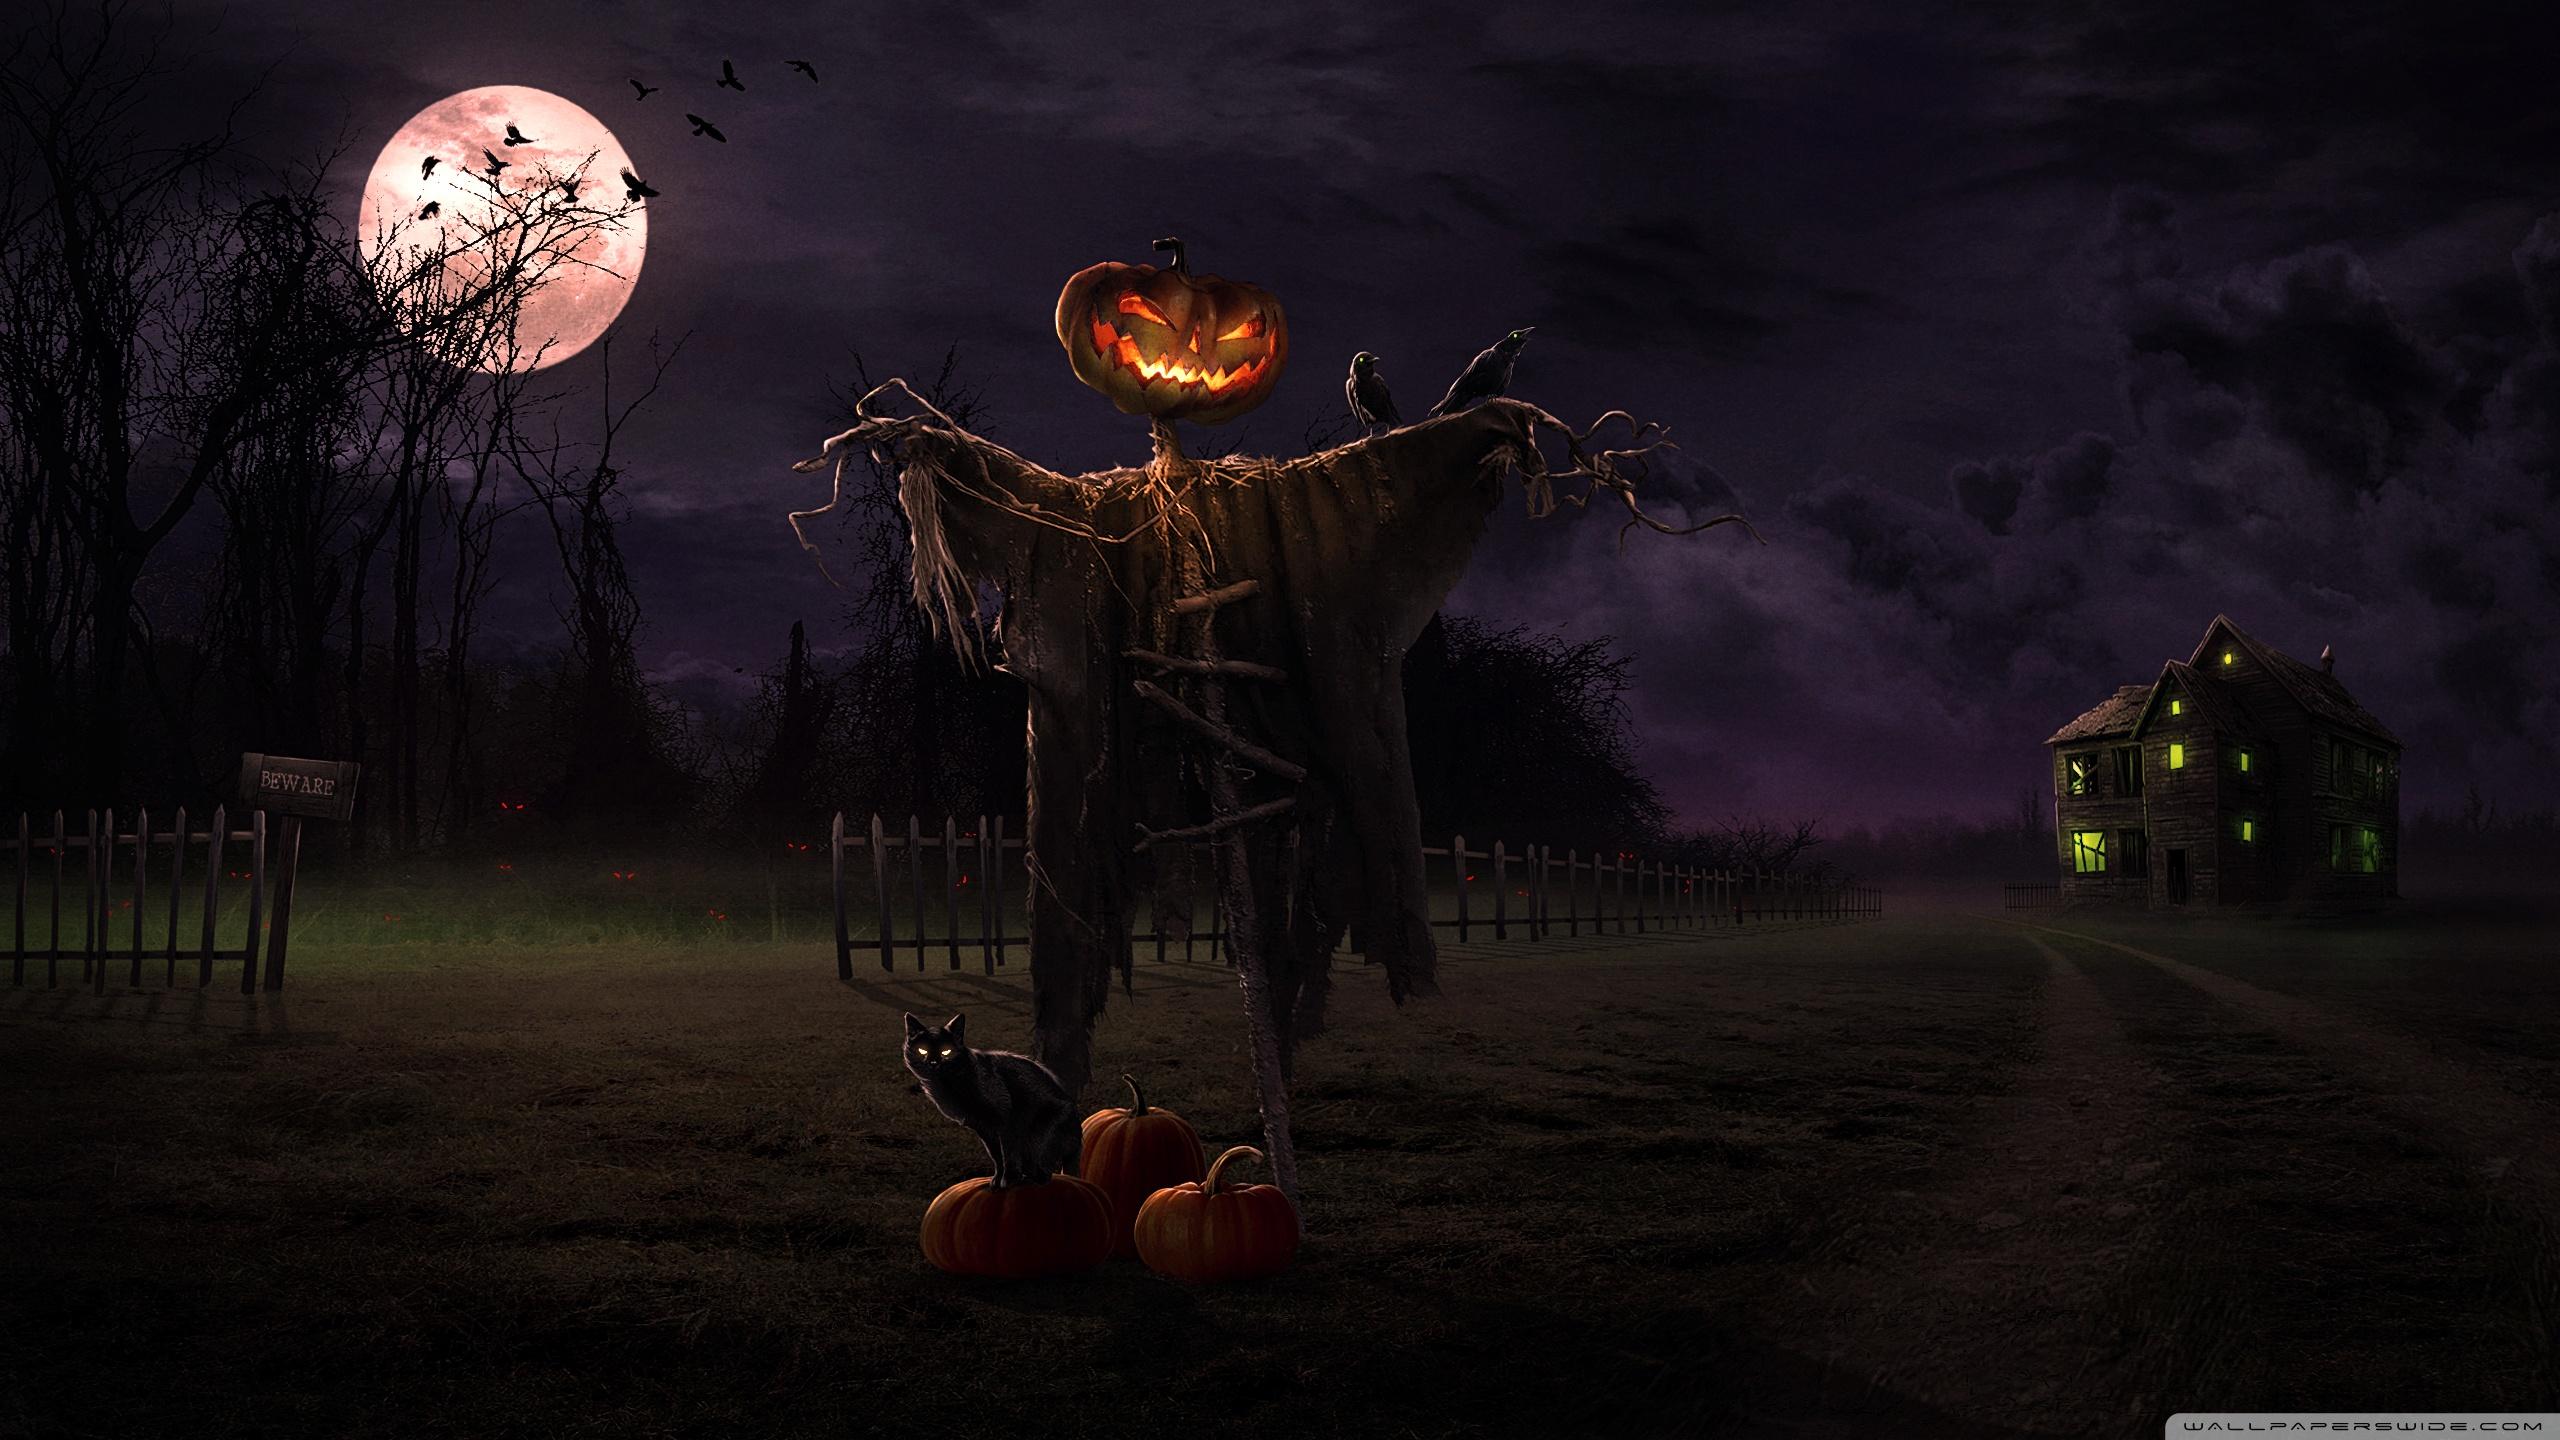 Beautiful Wallpaper Halloween Spooky - spooky_path-wallpaper-2560x1440  Pic_957618.jpg?200